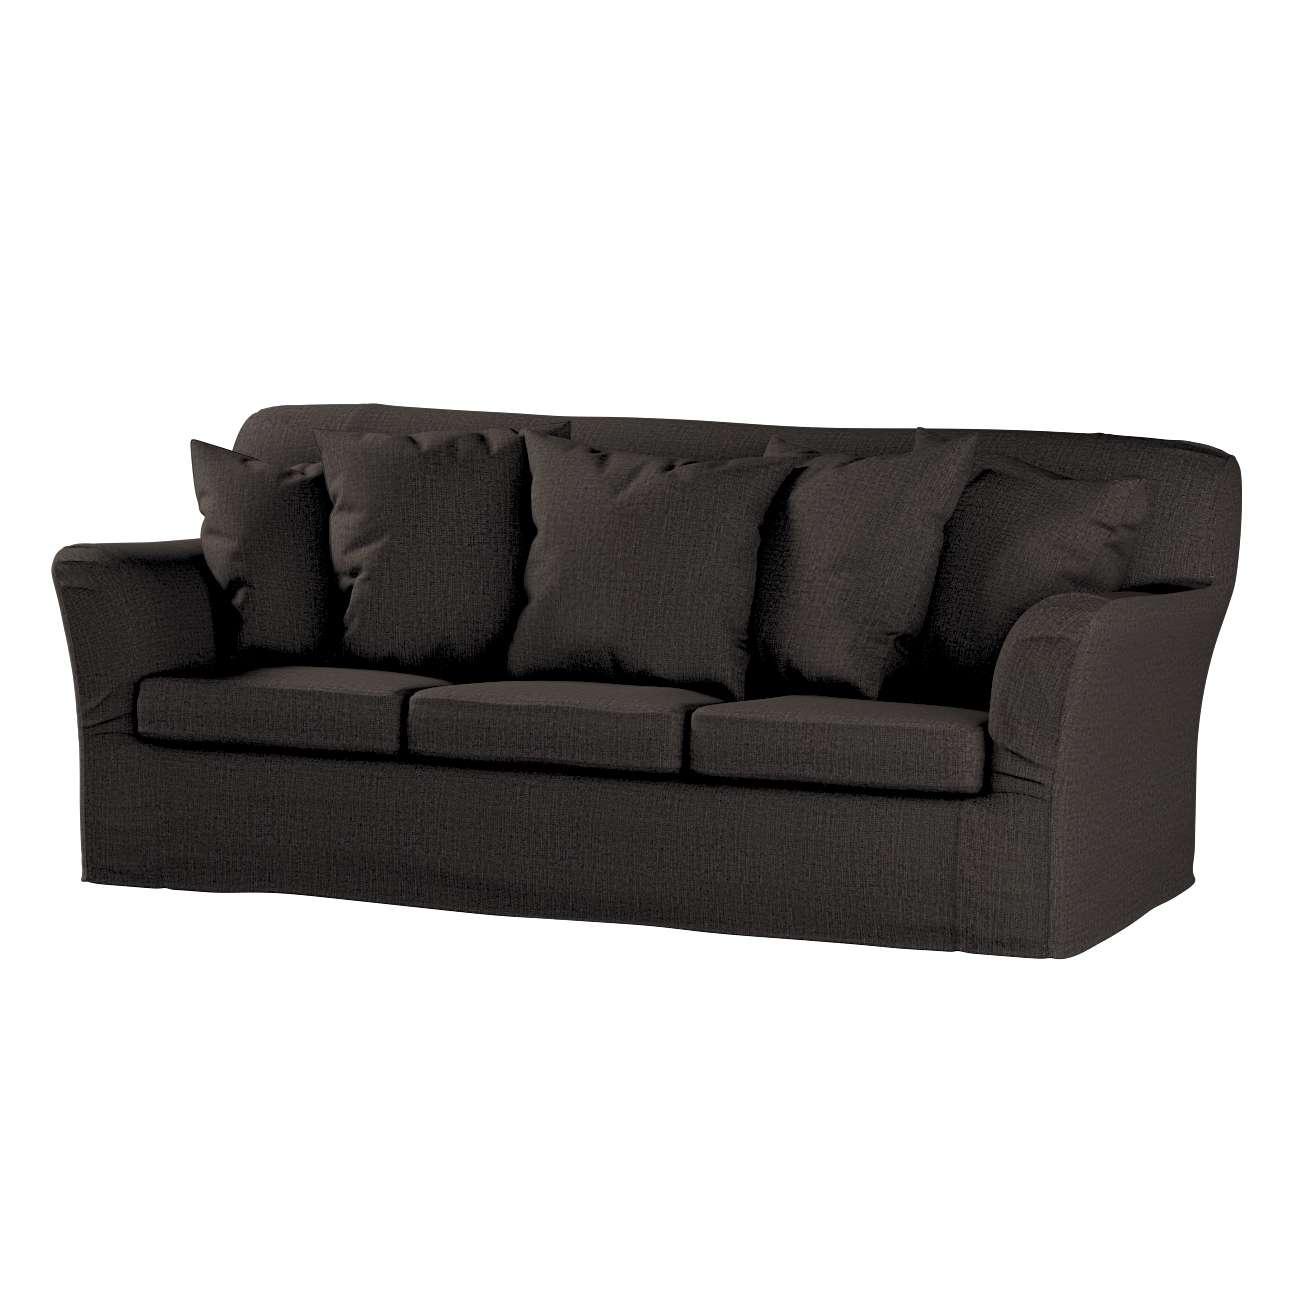 Pokrowiec na sofę Tomelilla 3-osobową nierozkładaną Sofa Tomelilla 3-osobowa w kolekcji Vintage, tkanina: 702-36